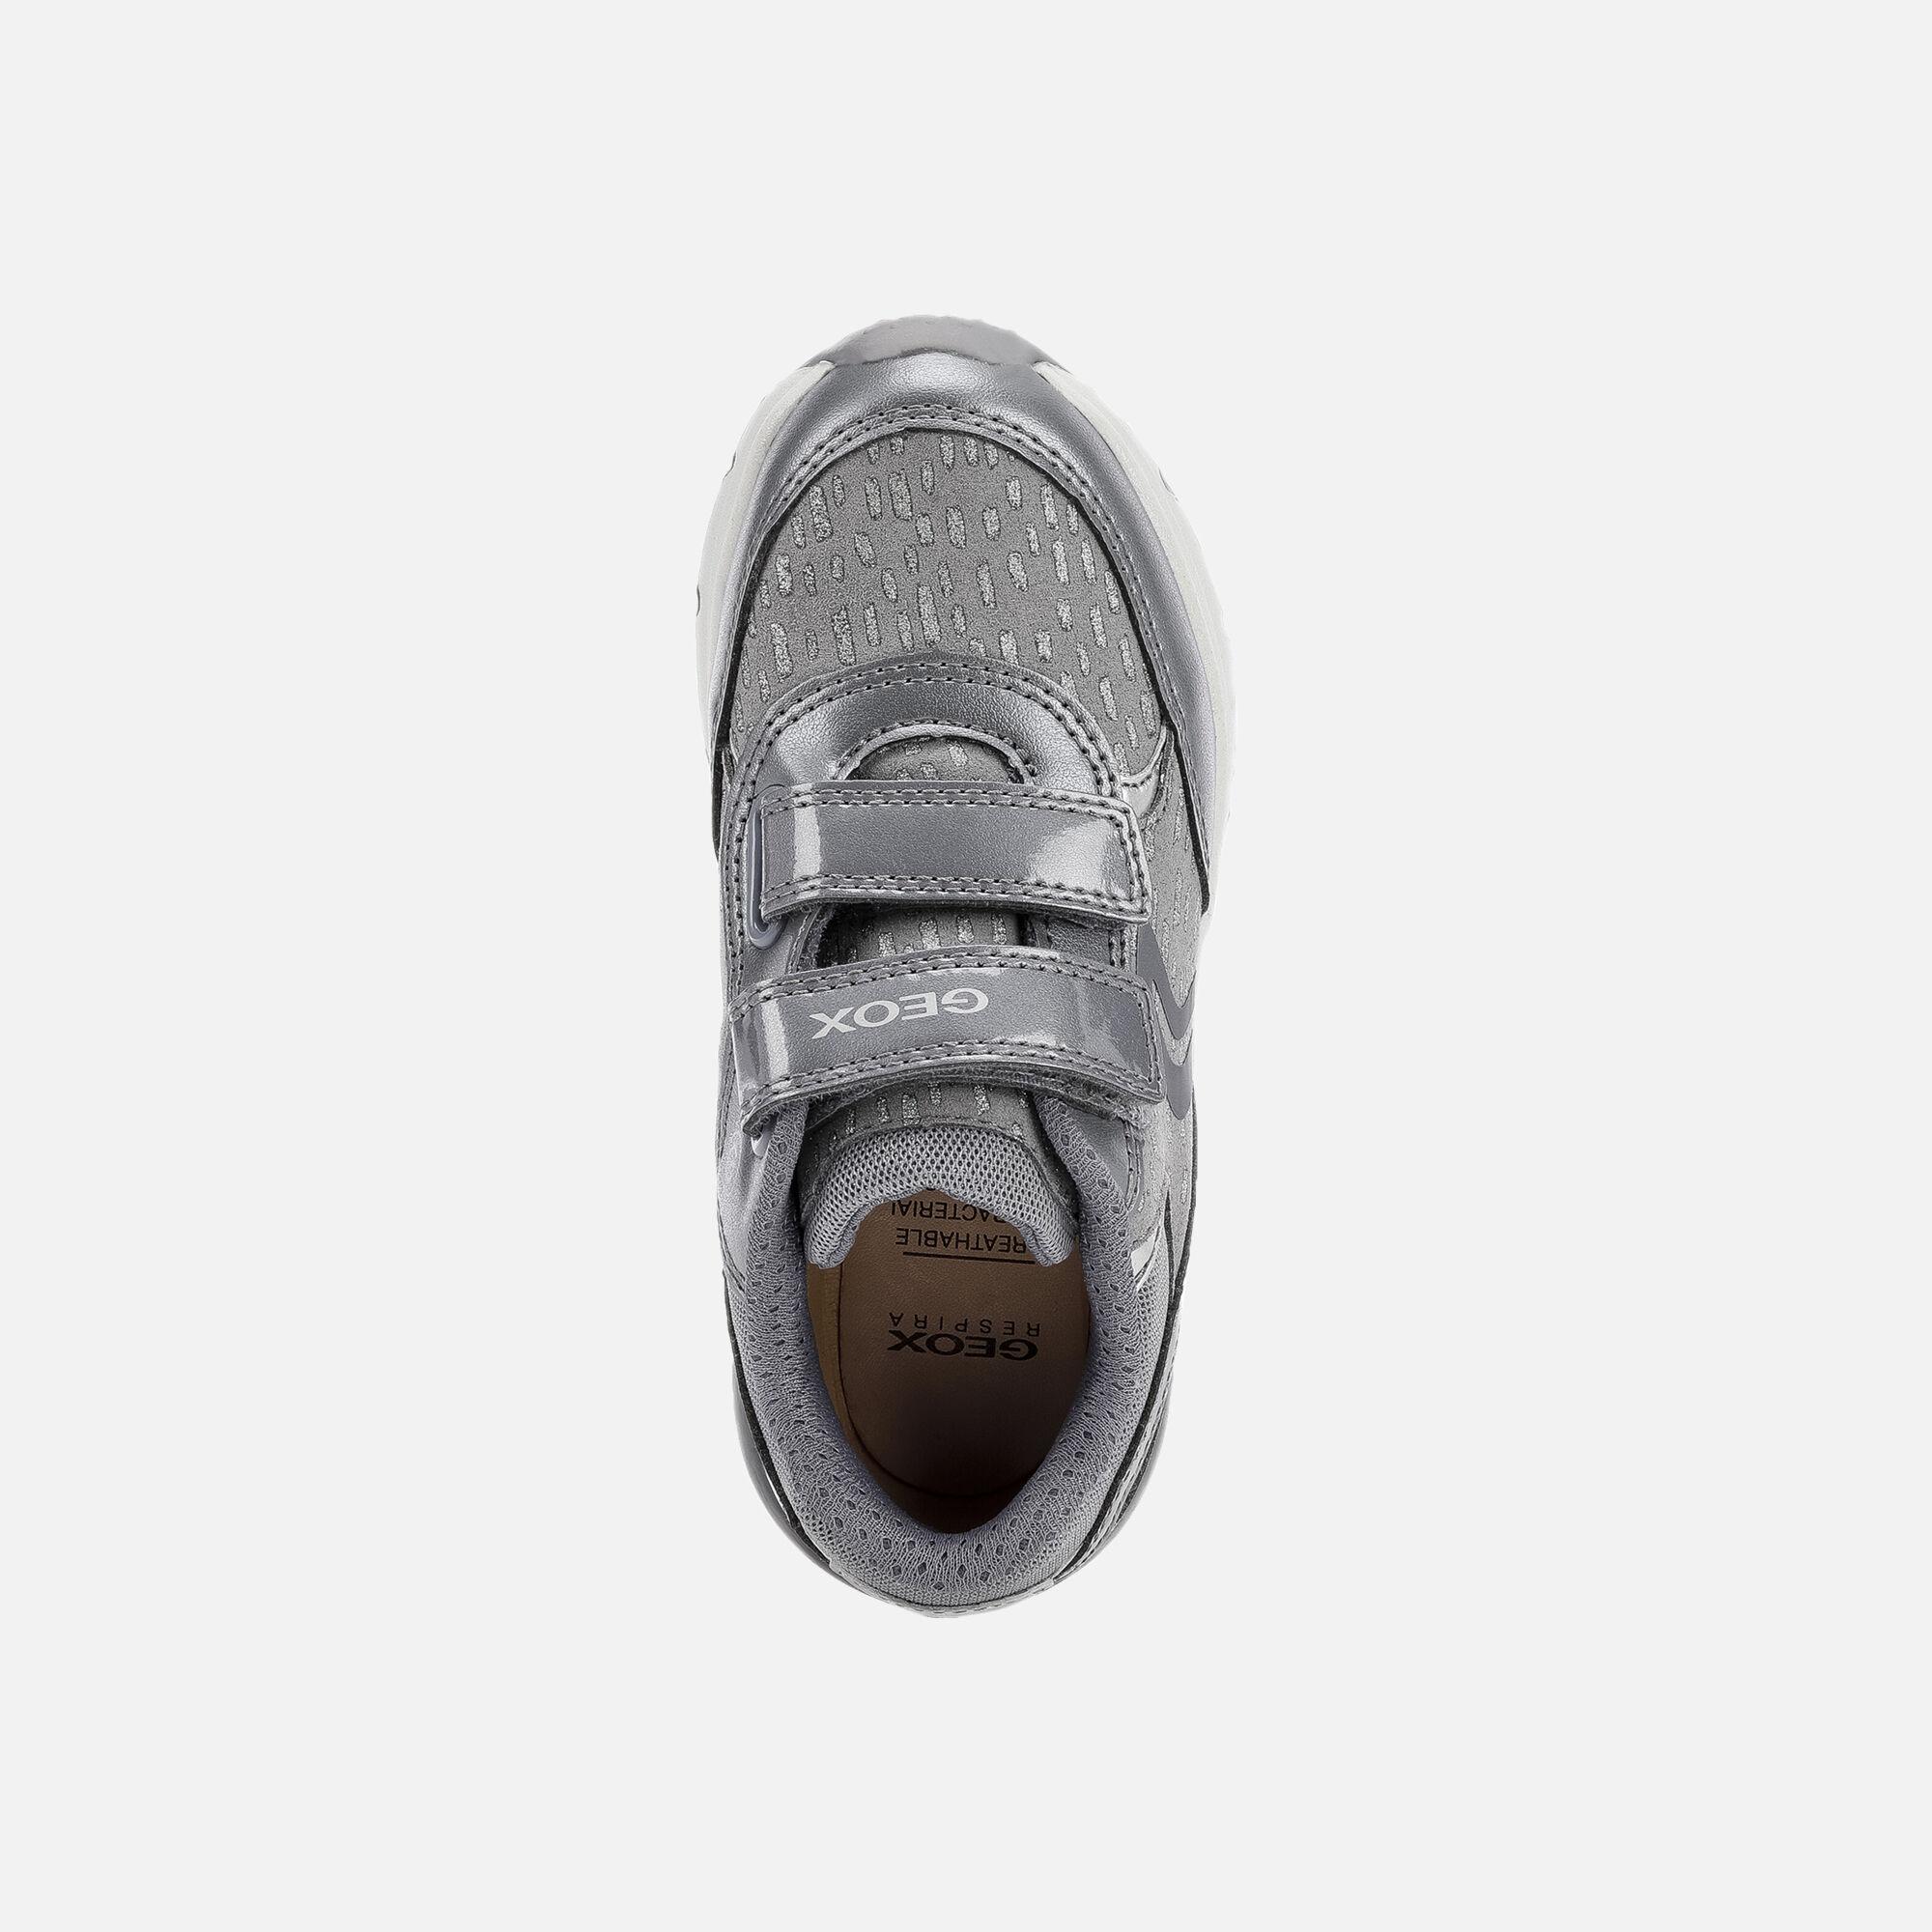 Geox SPACECLUB Junior Girl: Grey Sneakers | Geox FW 1920